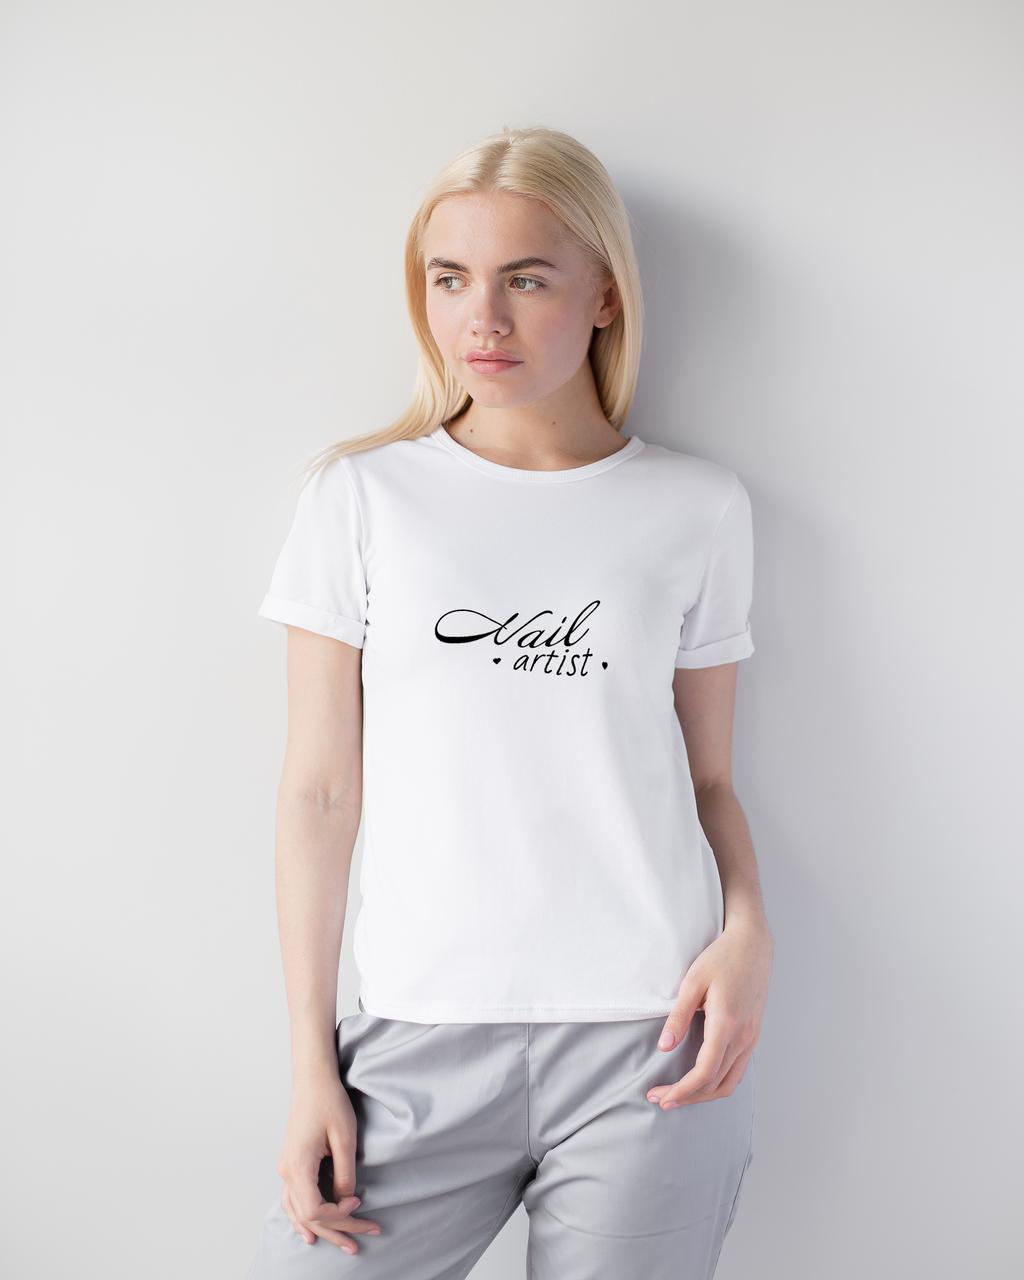 Женская футболка Модерн, белый принт Nail artist